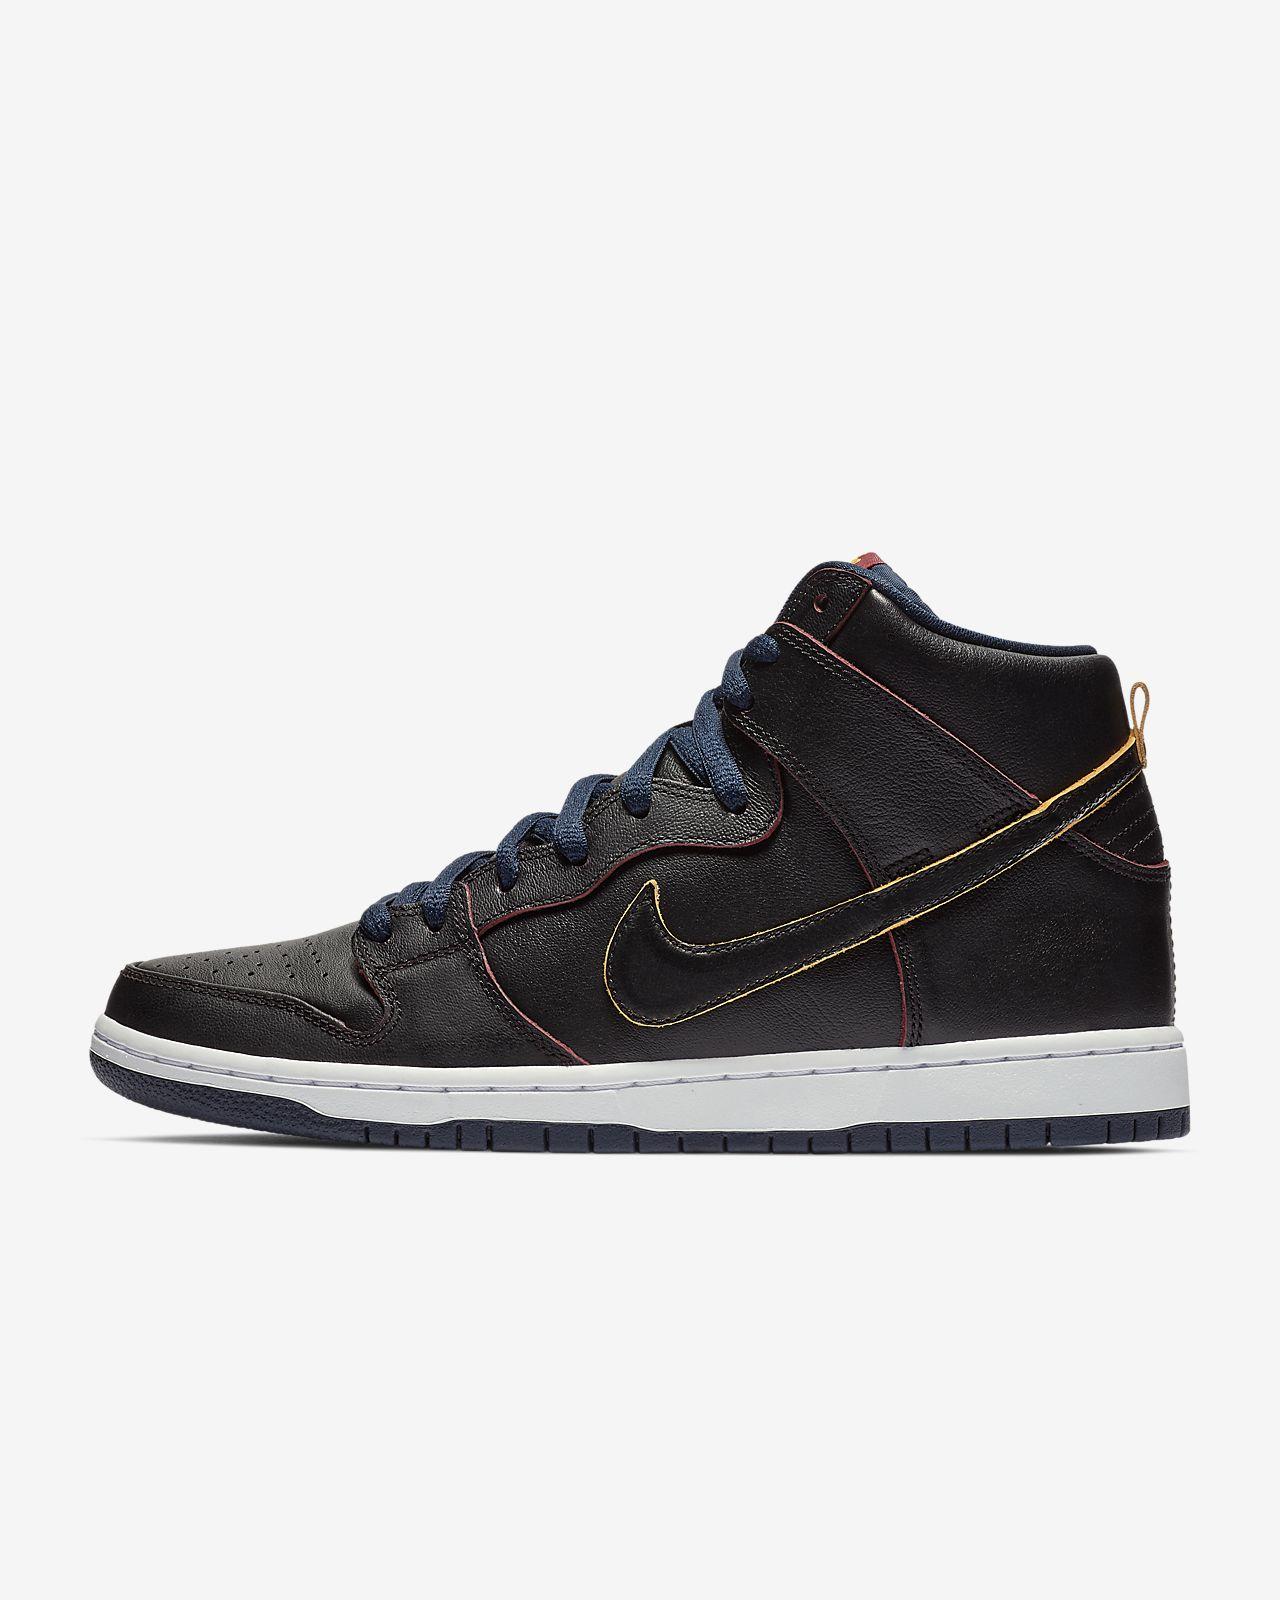 the latest cf744 e18b3 ... Nike SB Dunk High Pro NBA Men s Skate Shoe